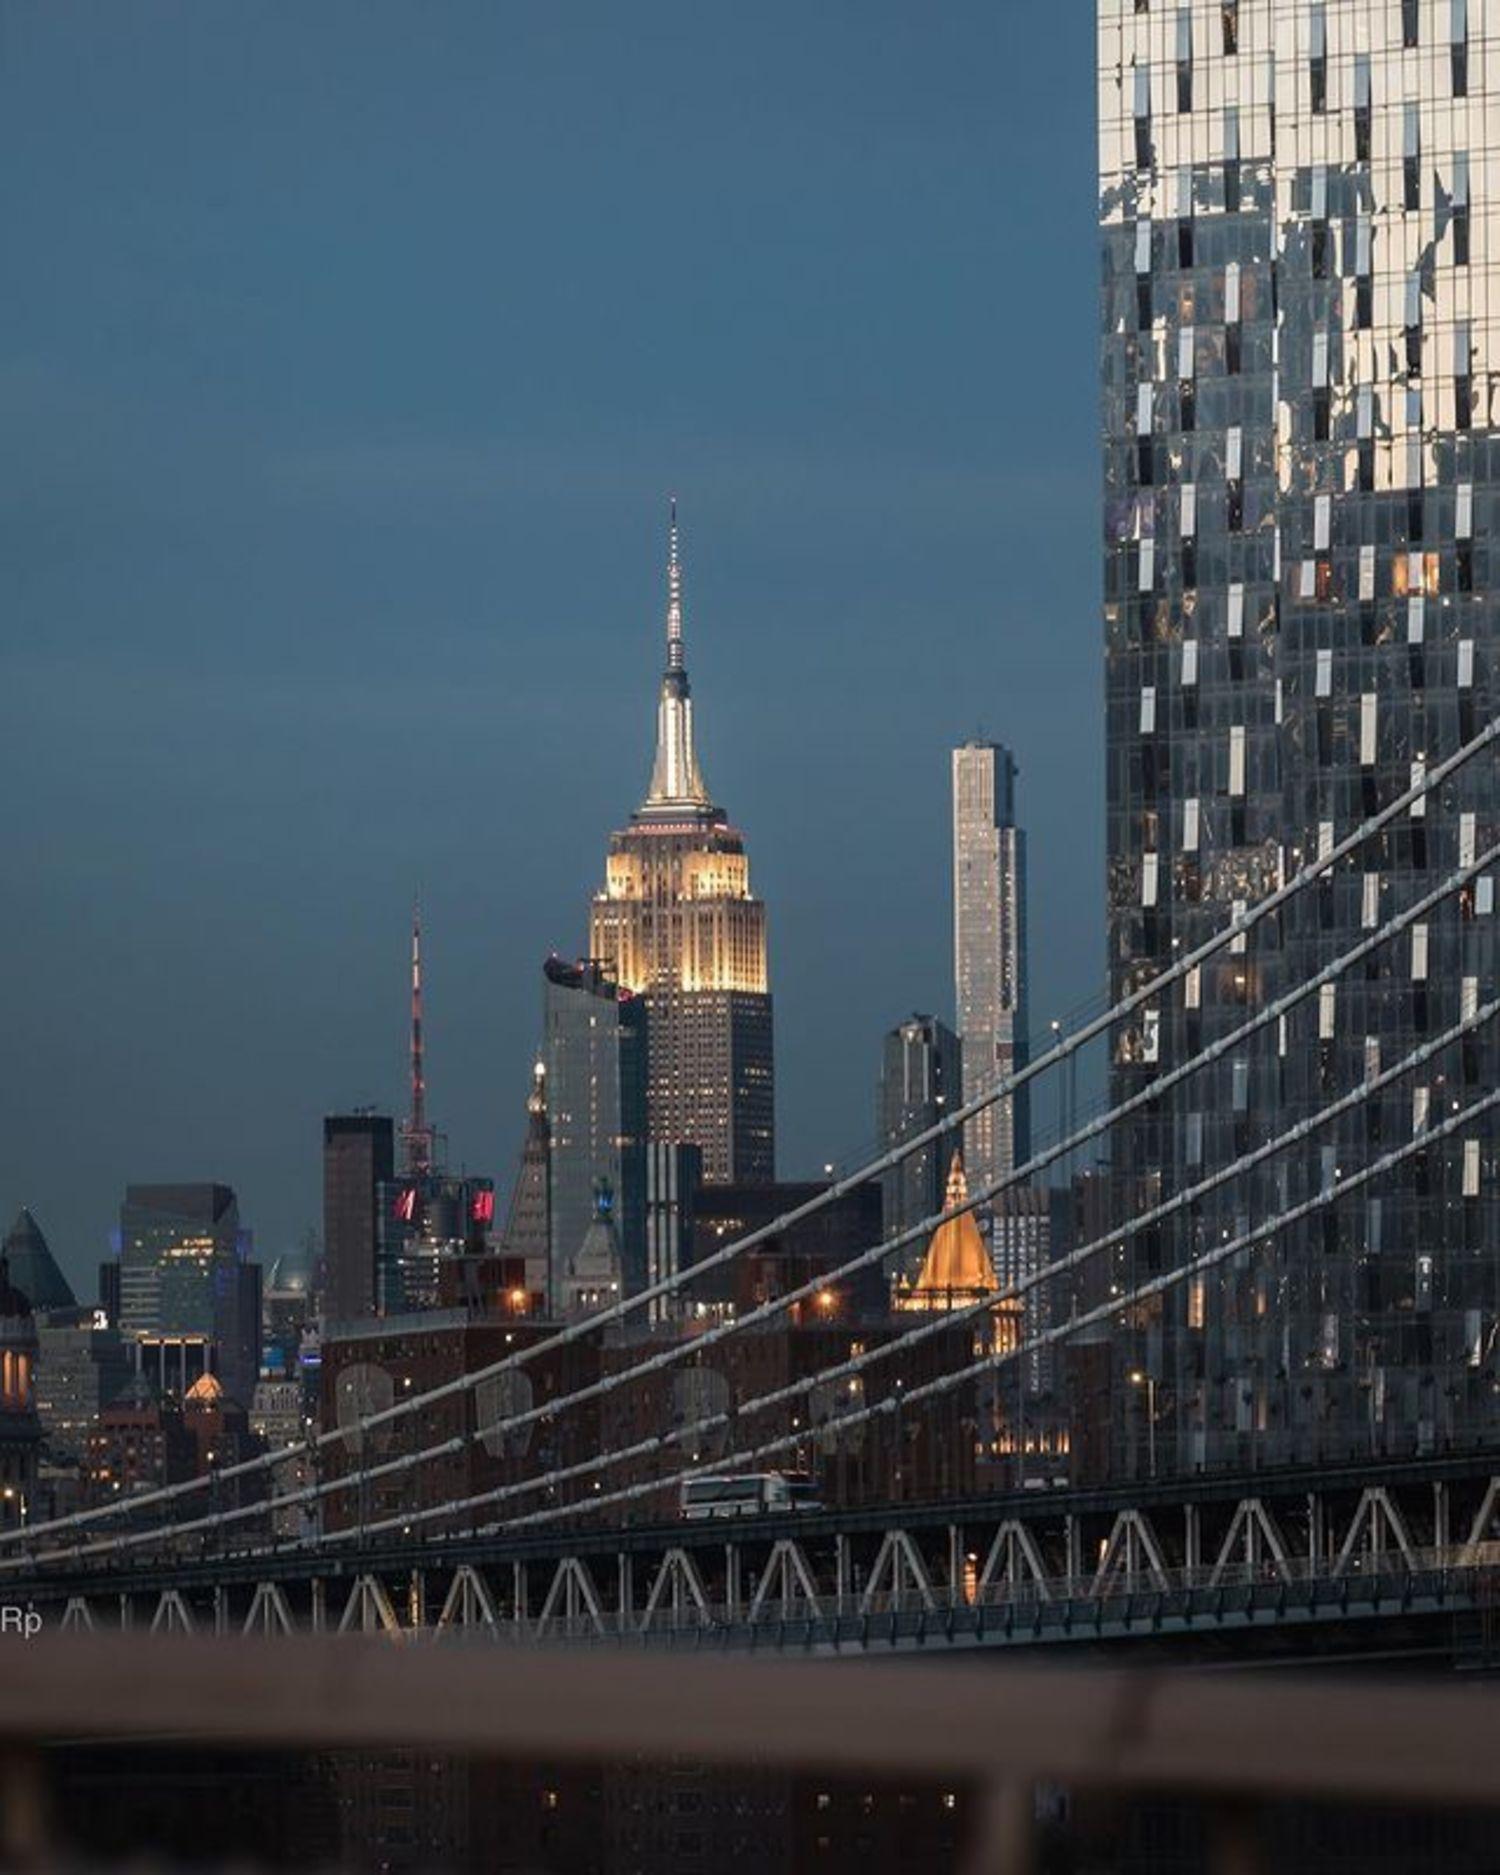 Midtown Manhattan Skyline from Manhattan Bridge, New York